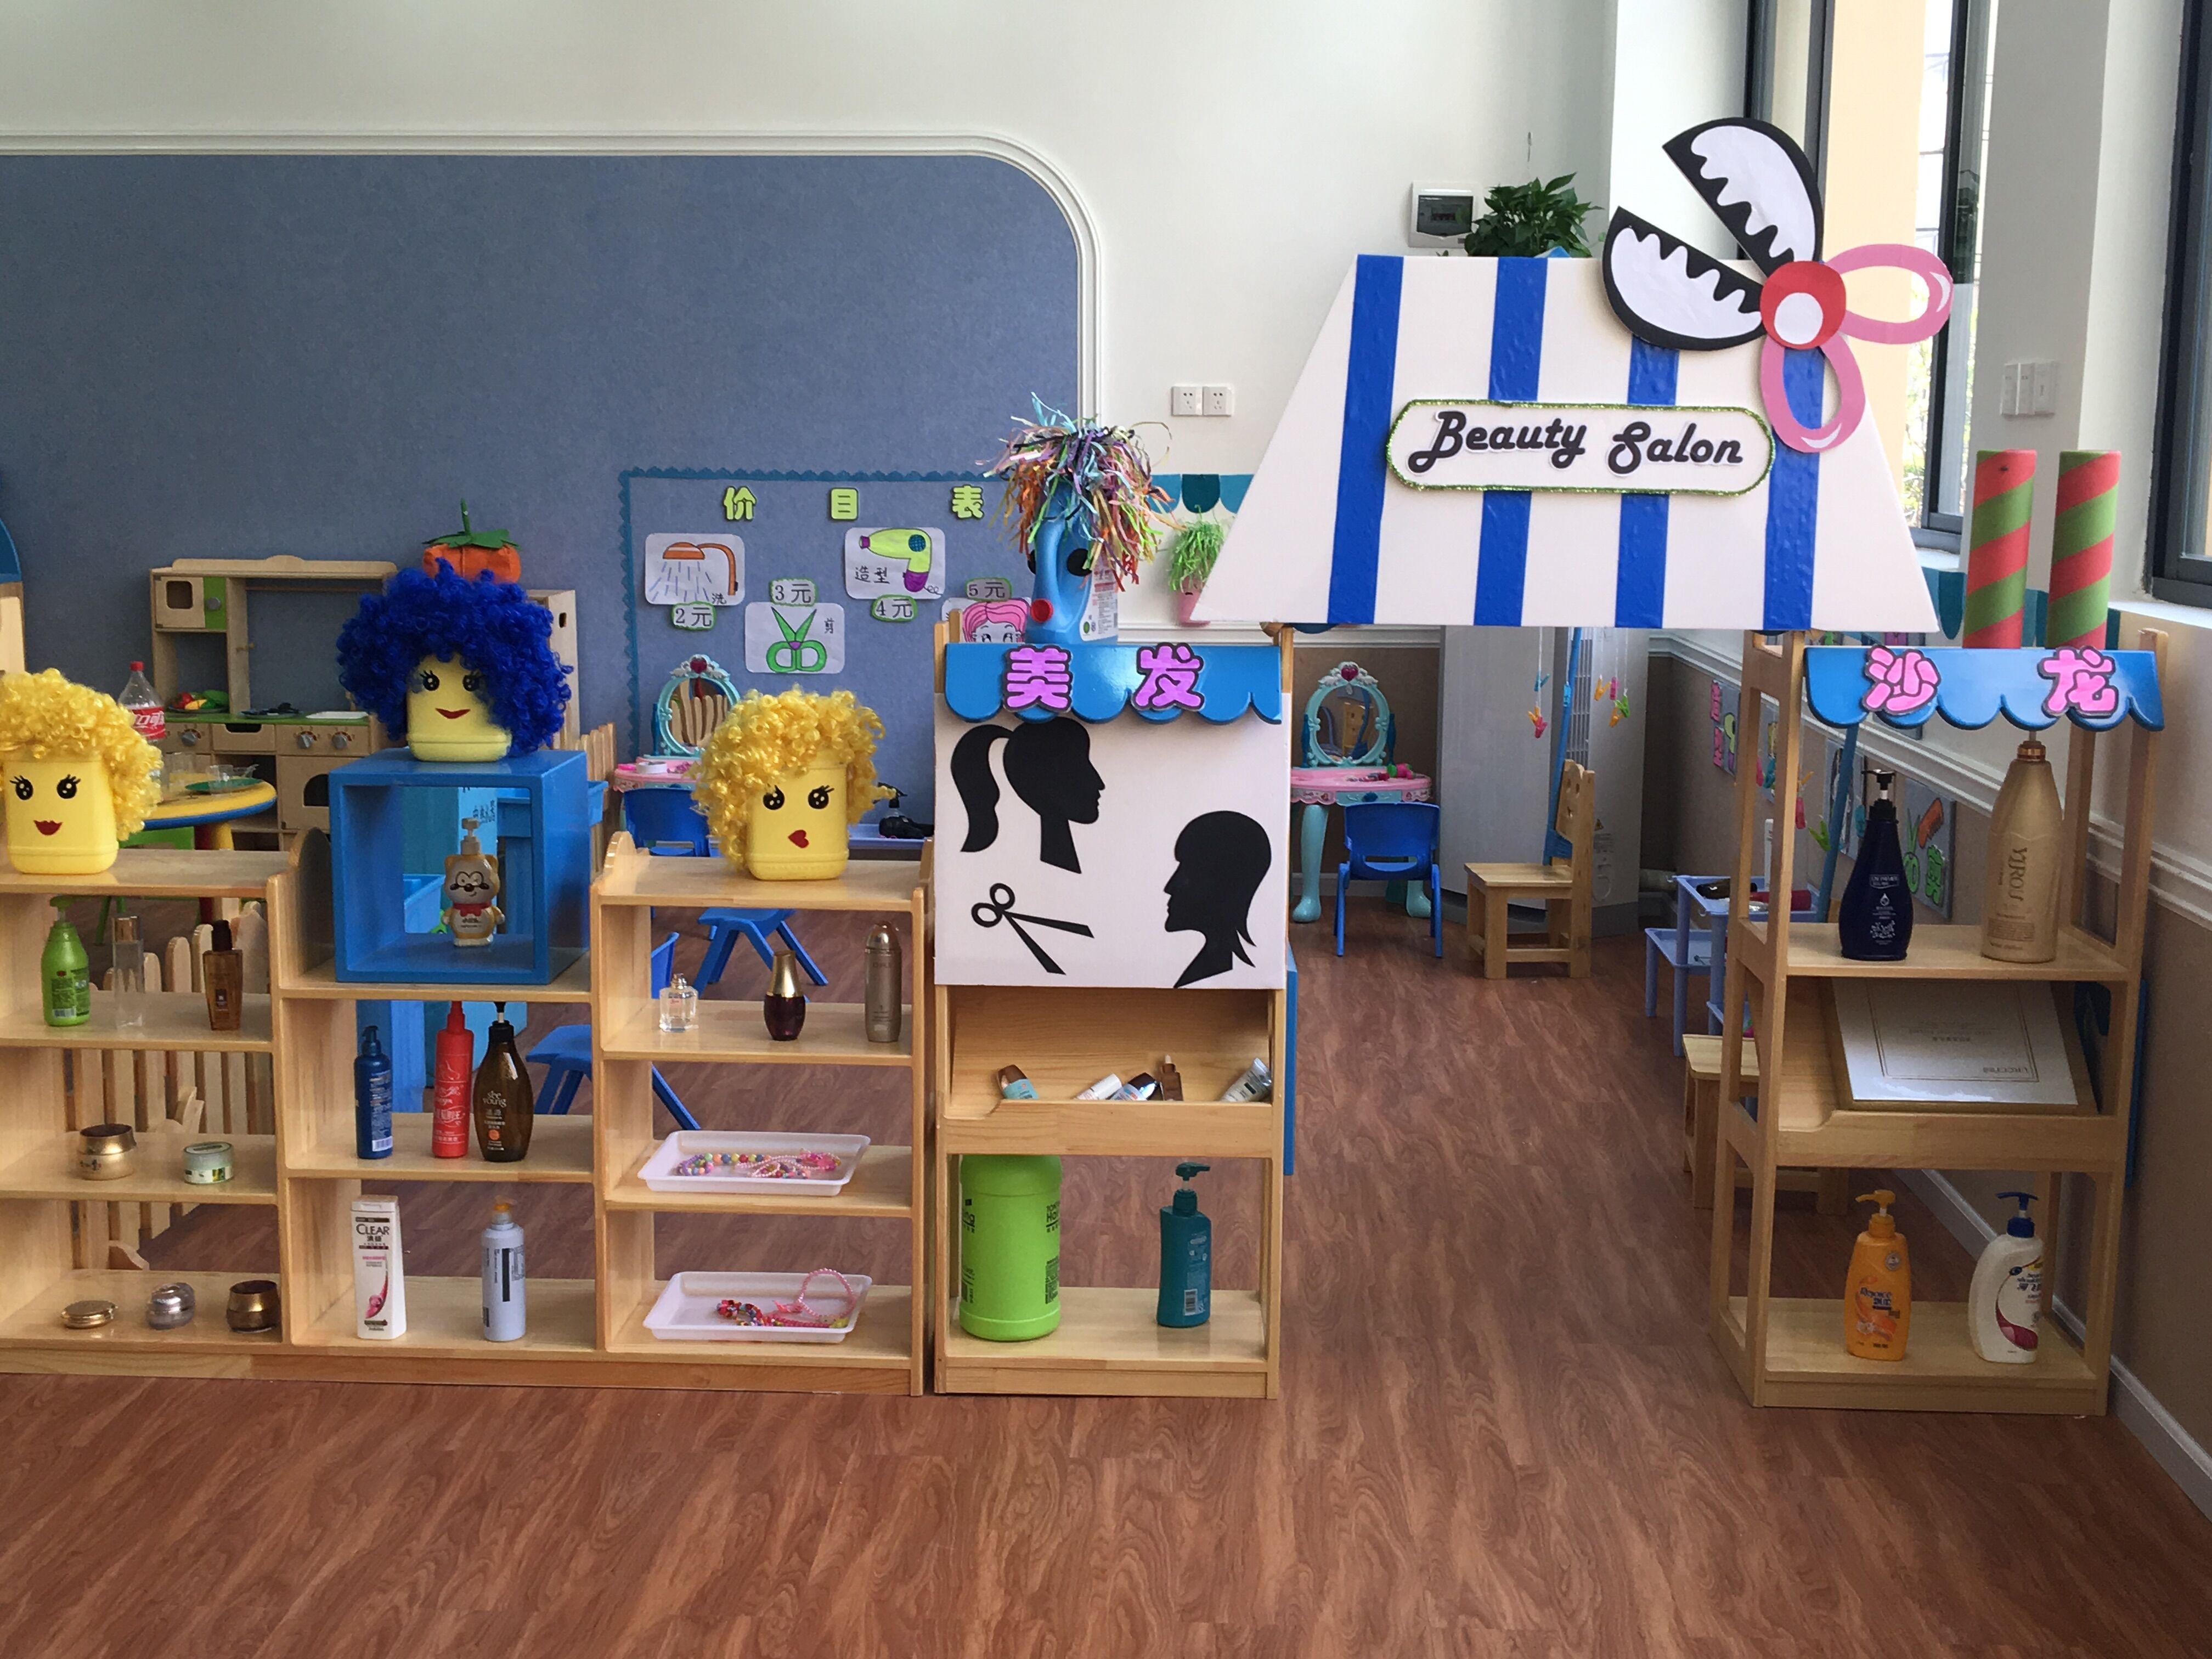 > 幼儿园概况  我们将教室分为多个不同的区域,包括 角色区 ,表演区